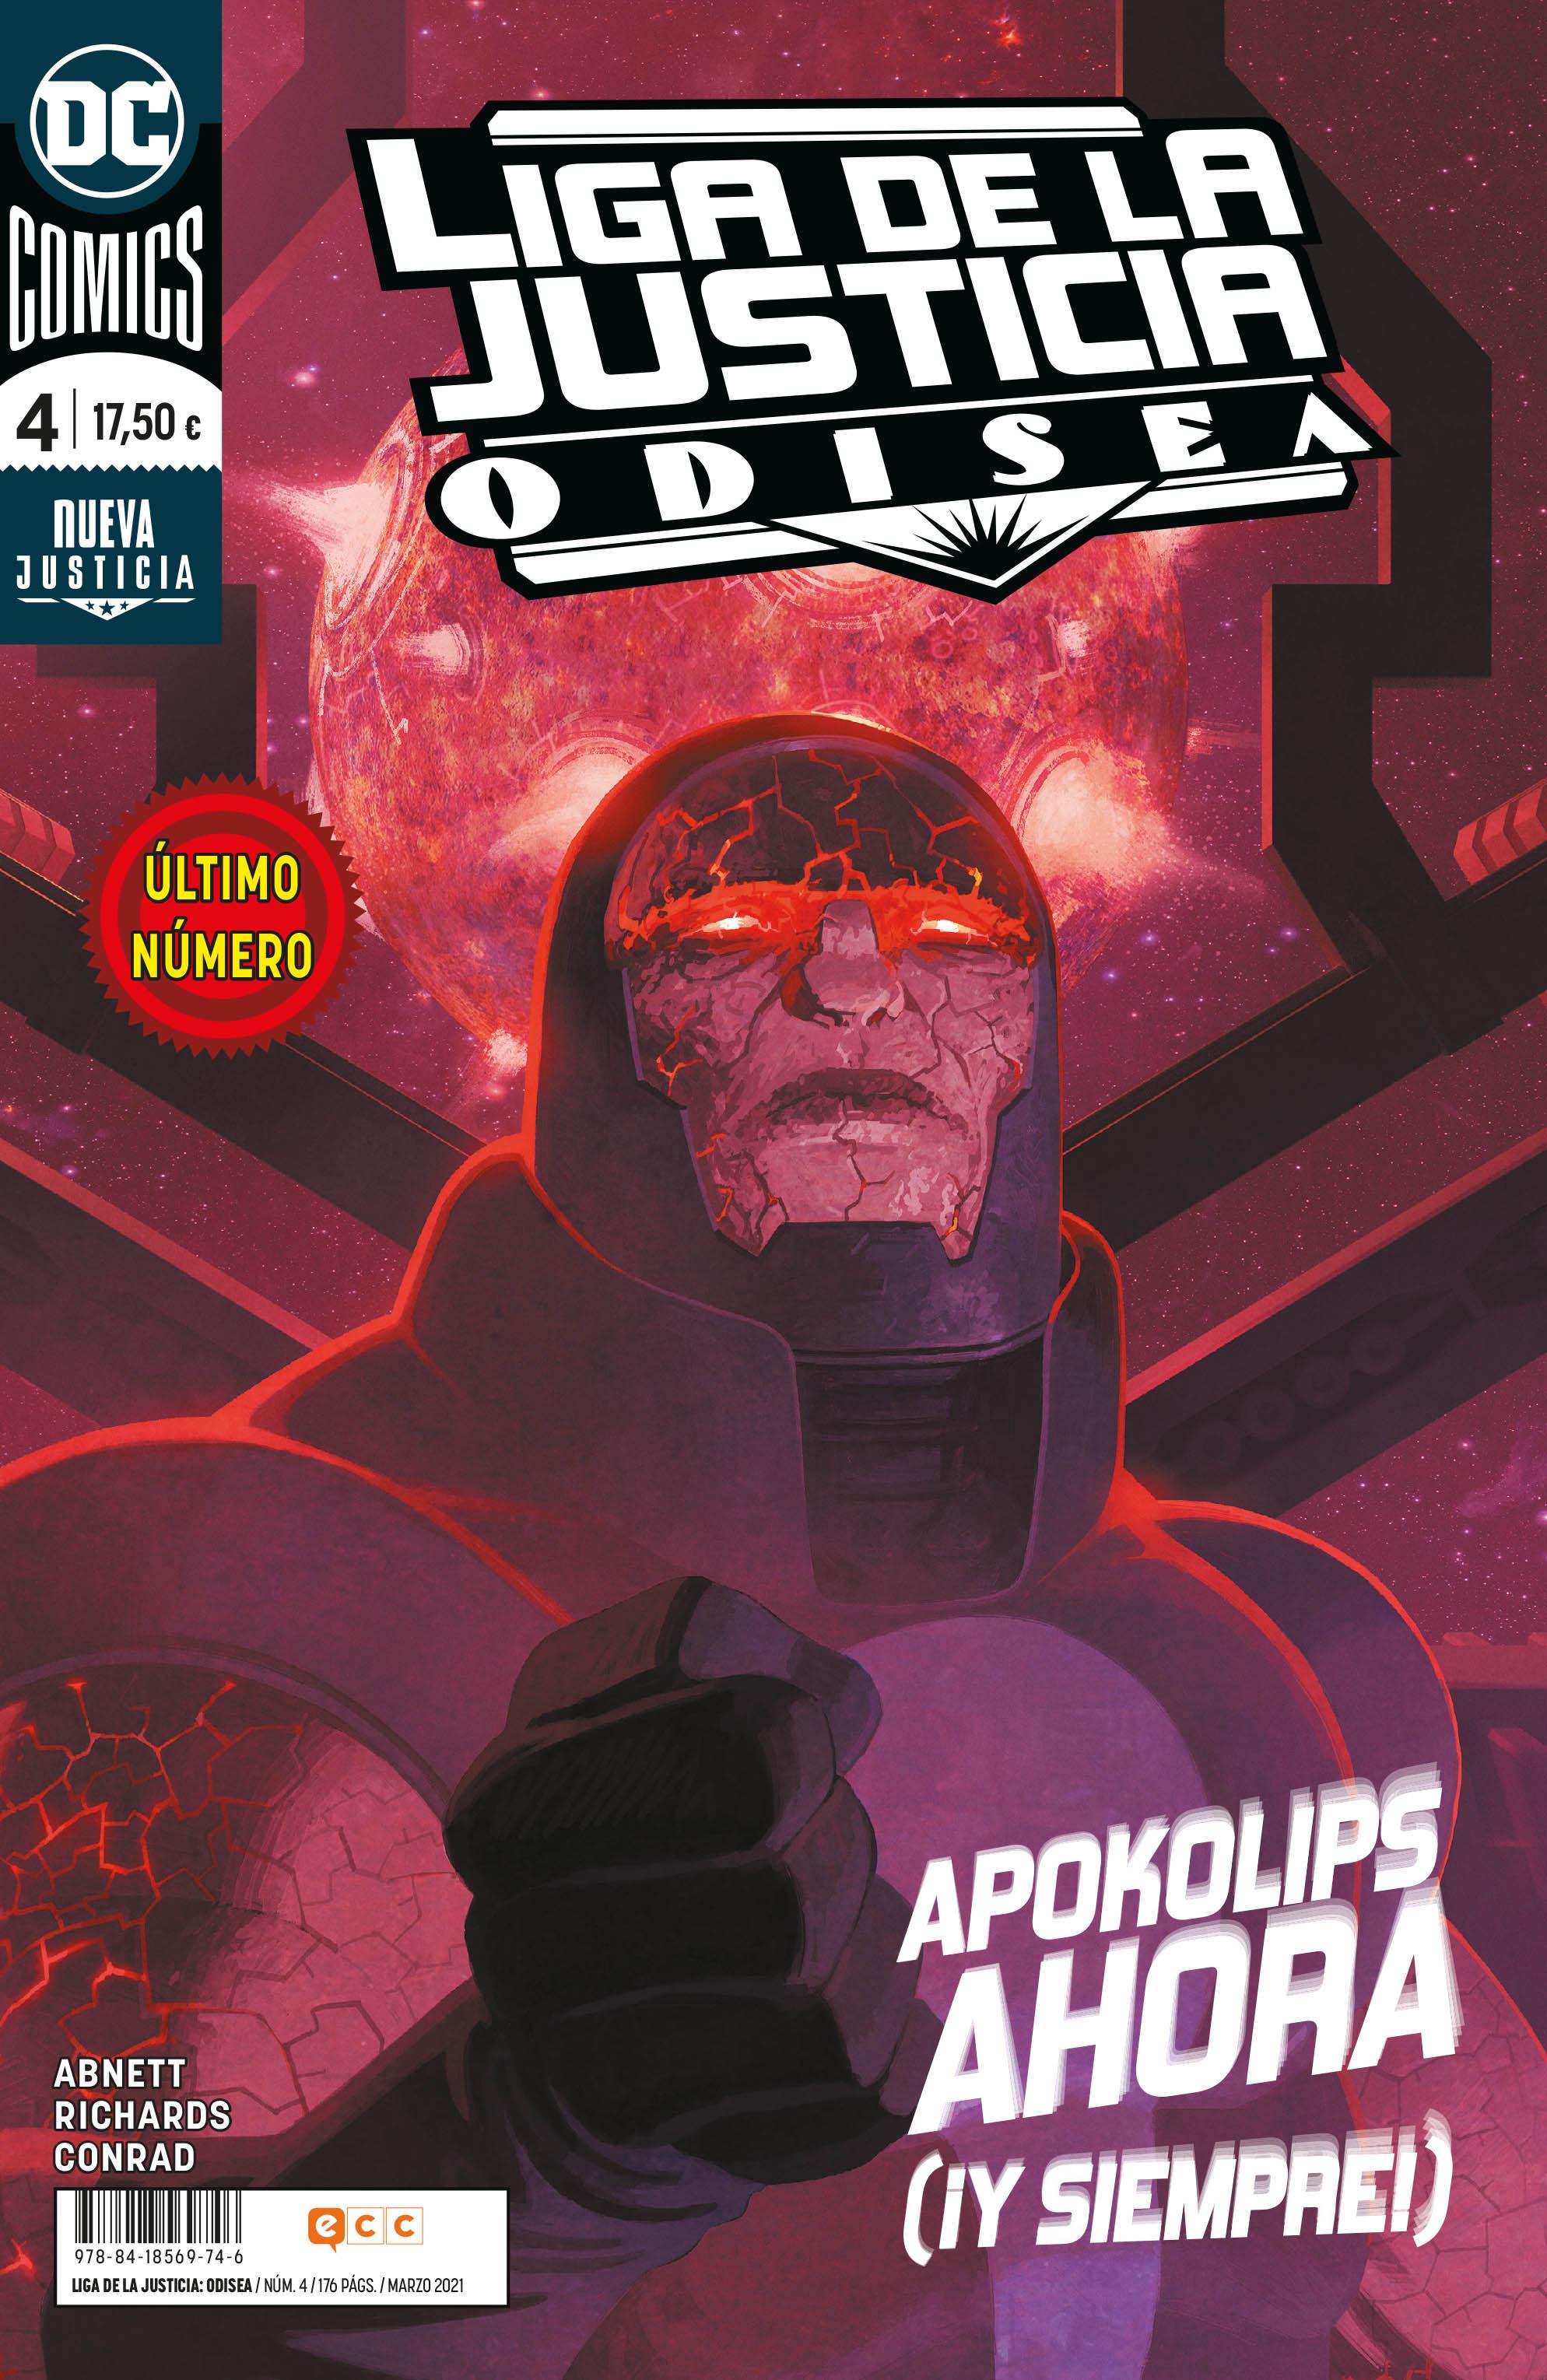 Liga de la Justicia: Odisea #4 (Último número)